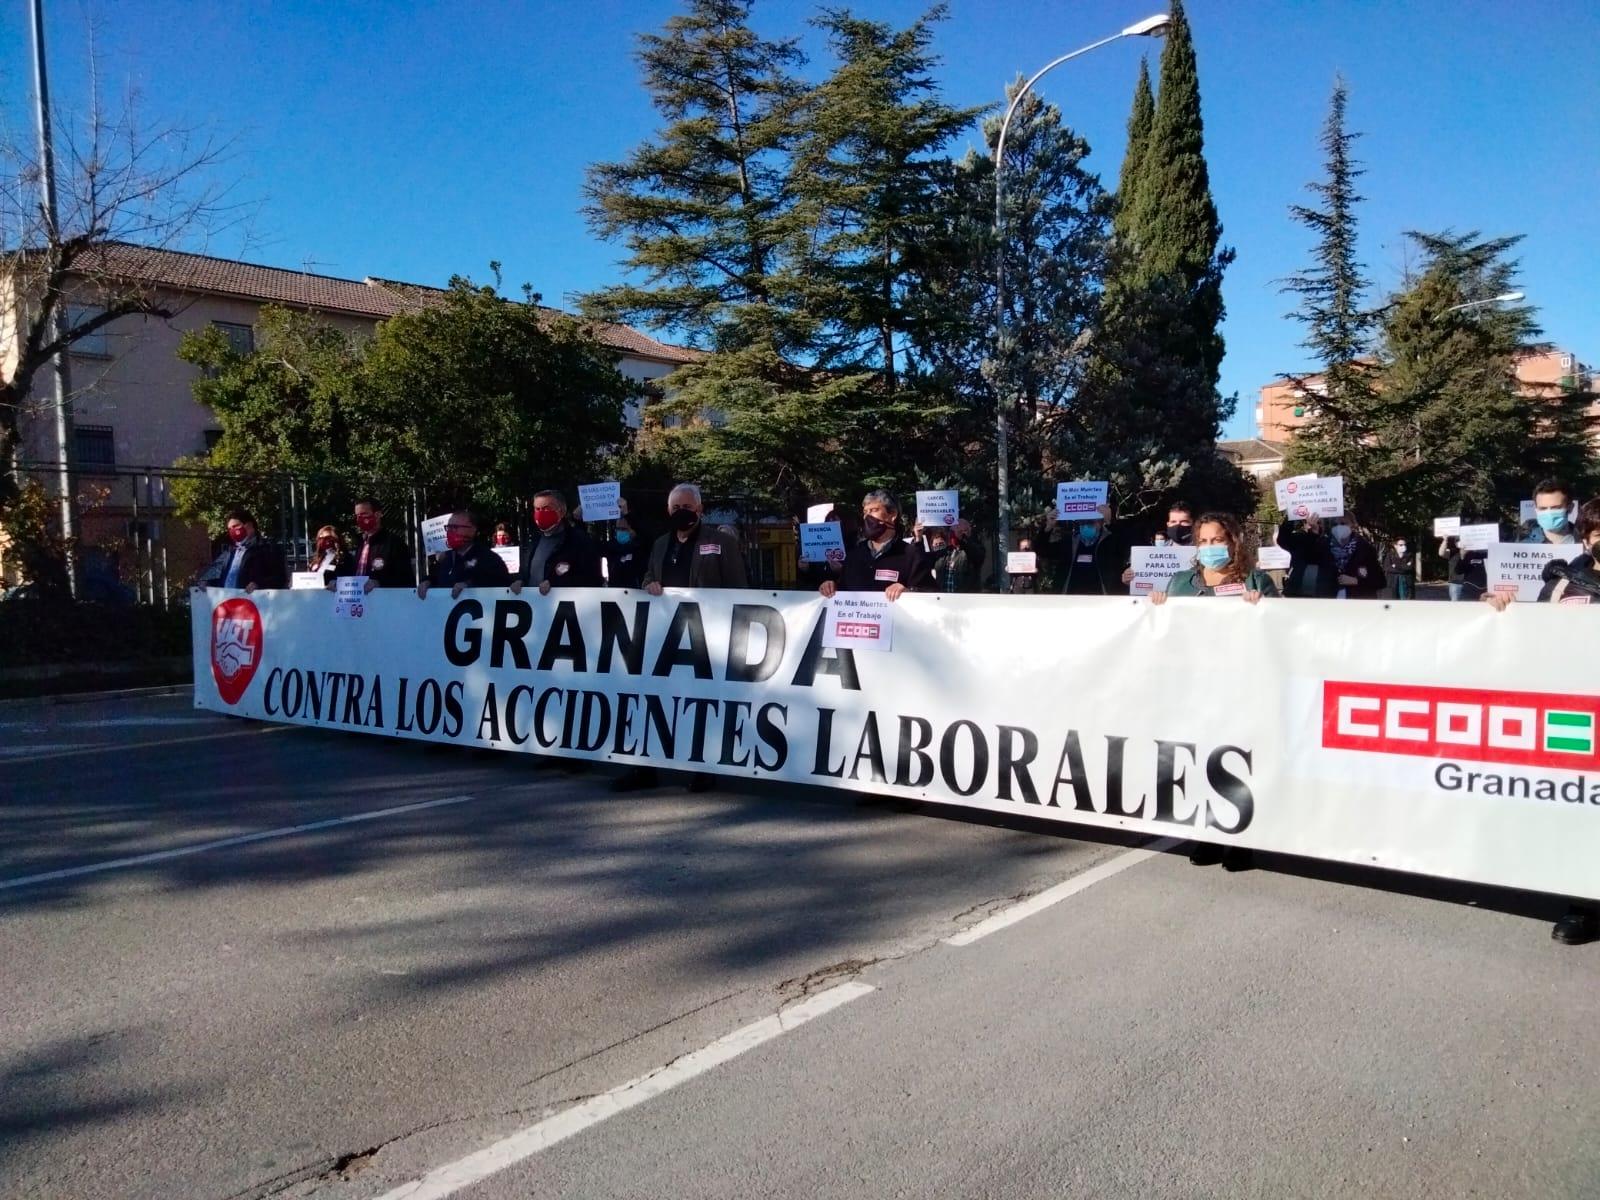 UGT y CCOO exigen más formación y seguridad laboral en el sector del campo tras el accidente de Torvizcón